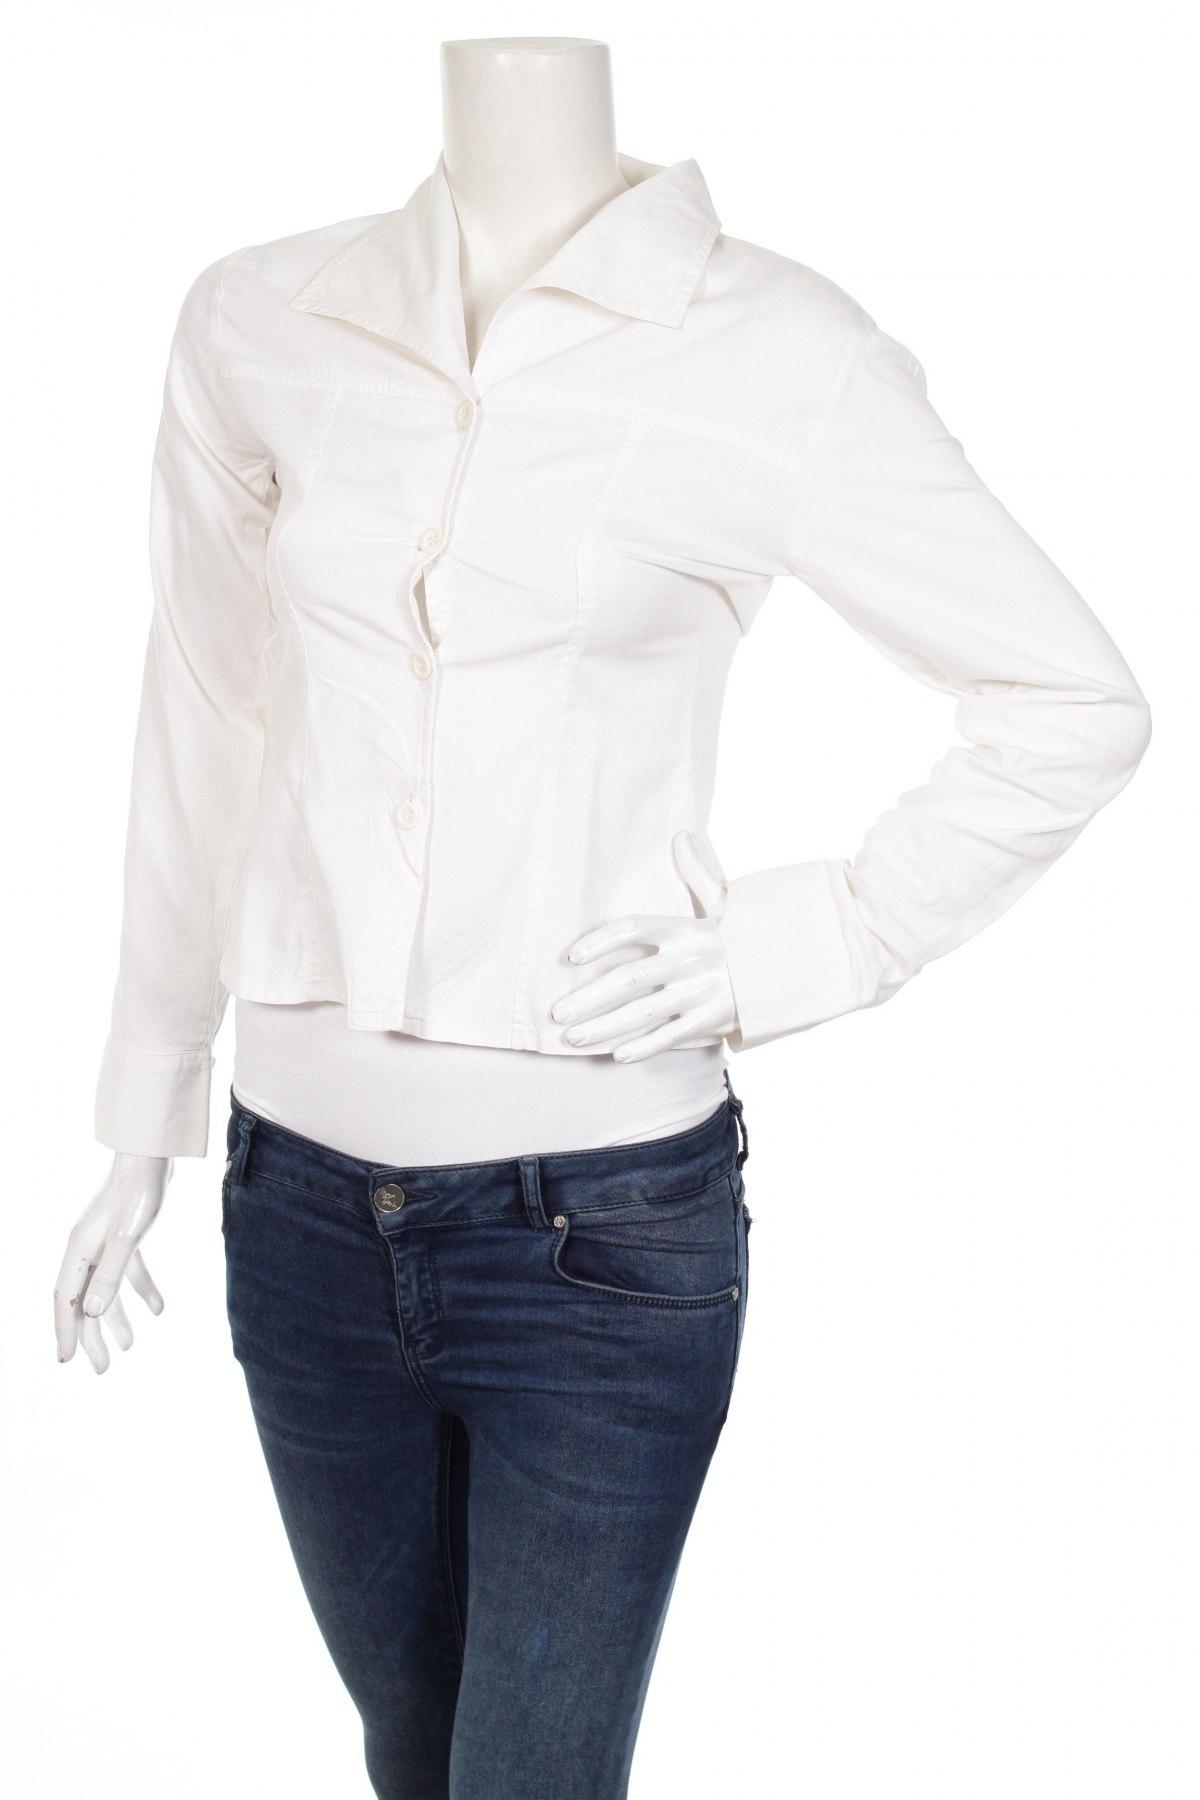 Γυναικείο πουκάμισο Cheryl